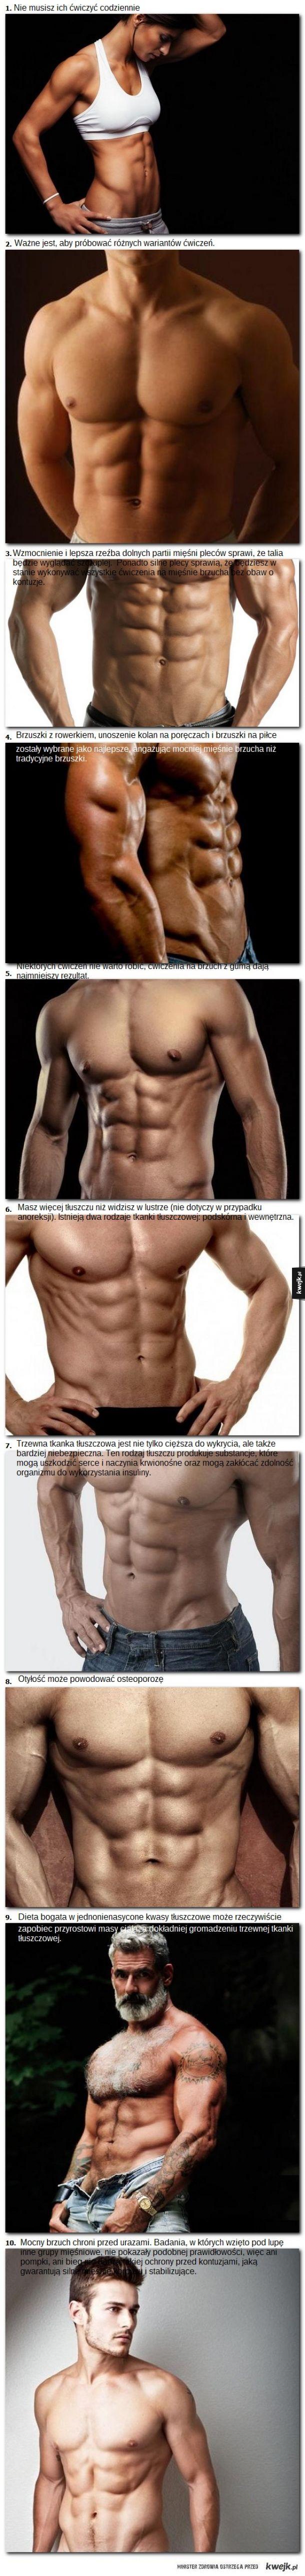 10 faktów na temat brzucha